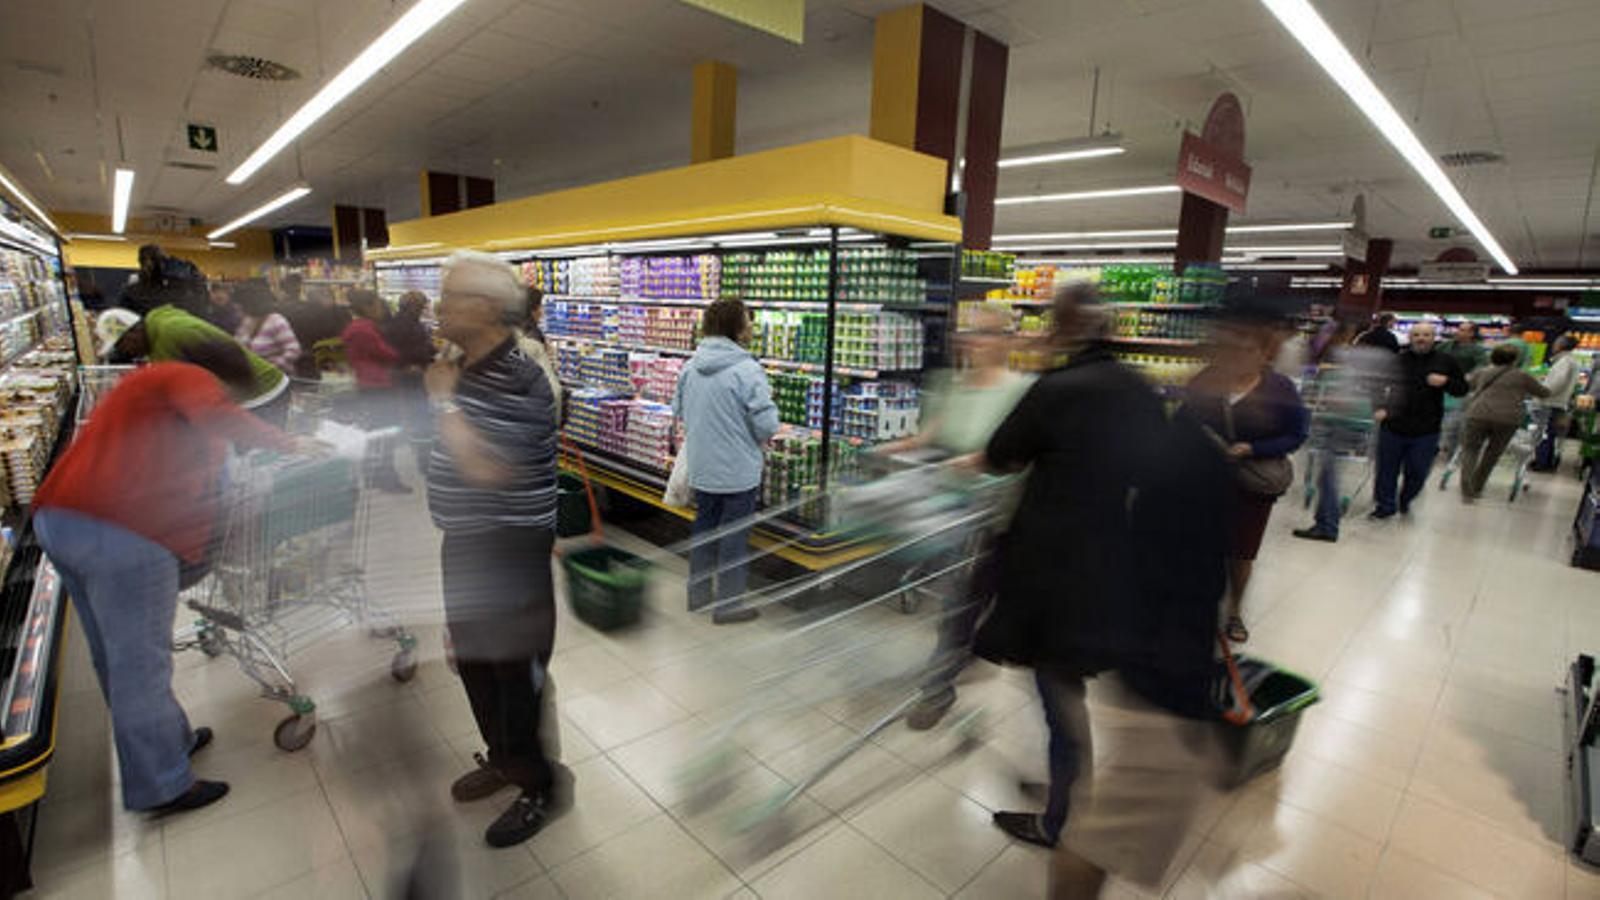 Un dels establiments de Mercadona en una imatge d'arxiu / DAVID AGUILAR / EFE